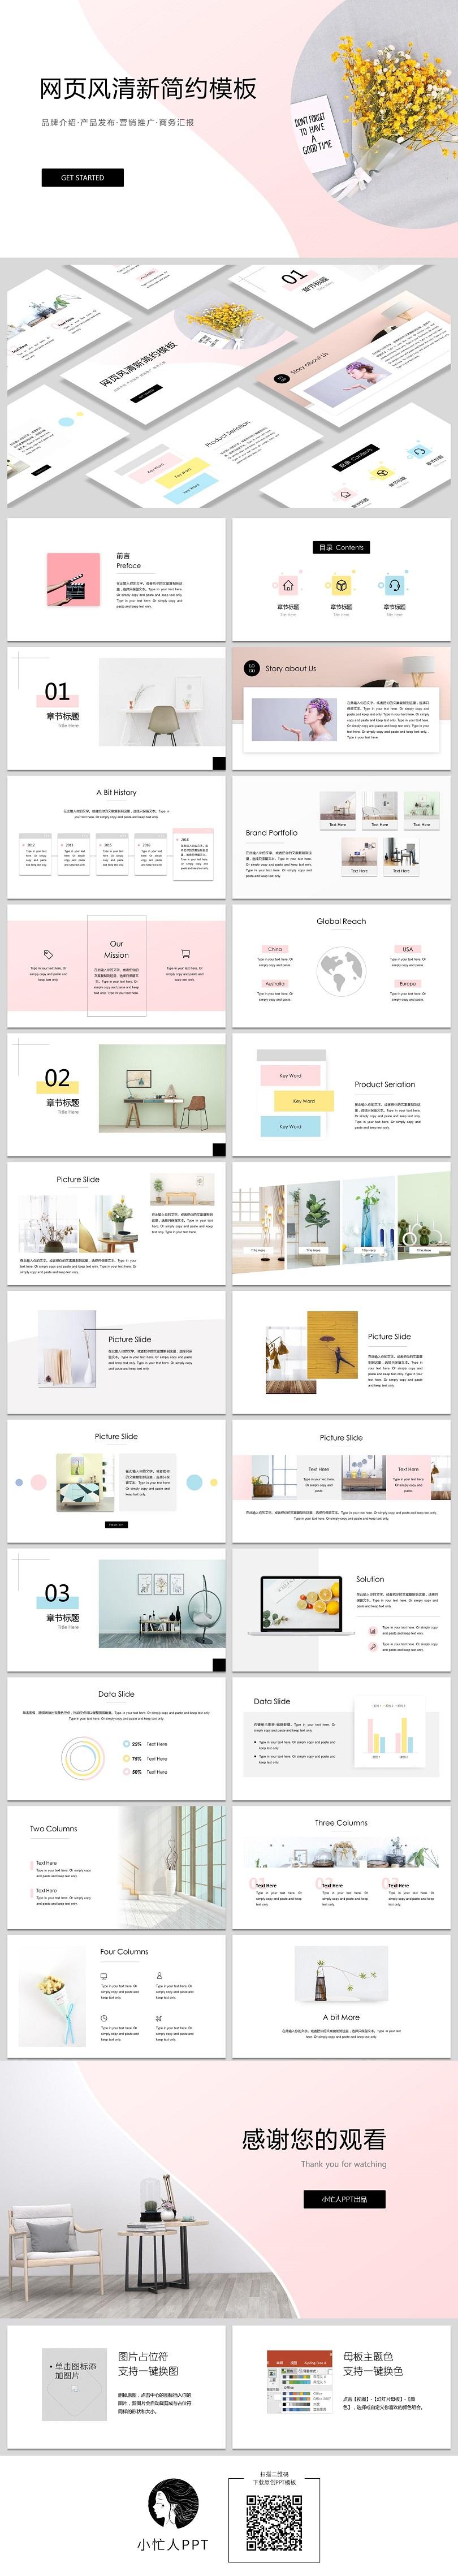 网页风工作汇报公司简介品牌介绍产品介绍清新简约模板(一键换图一键换色)